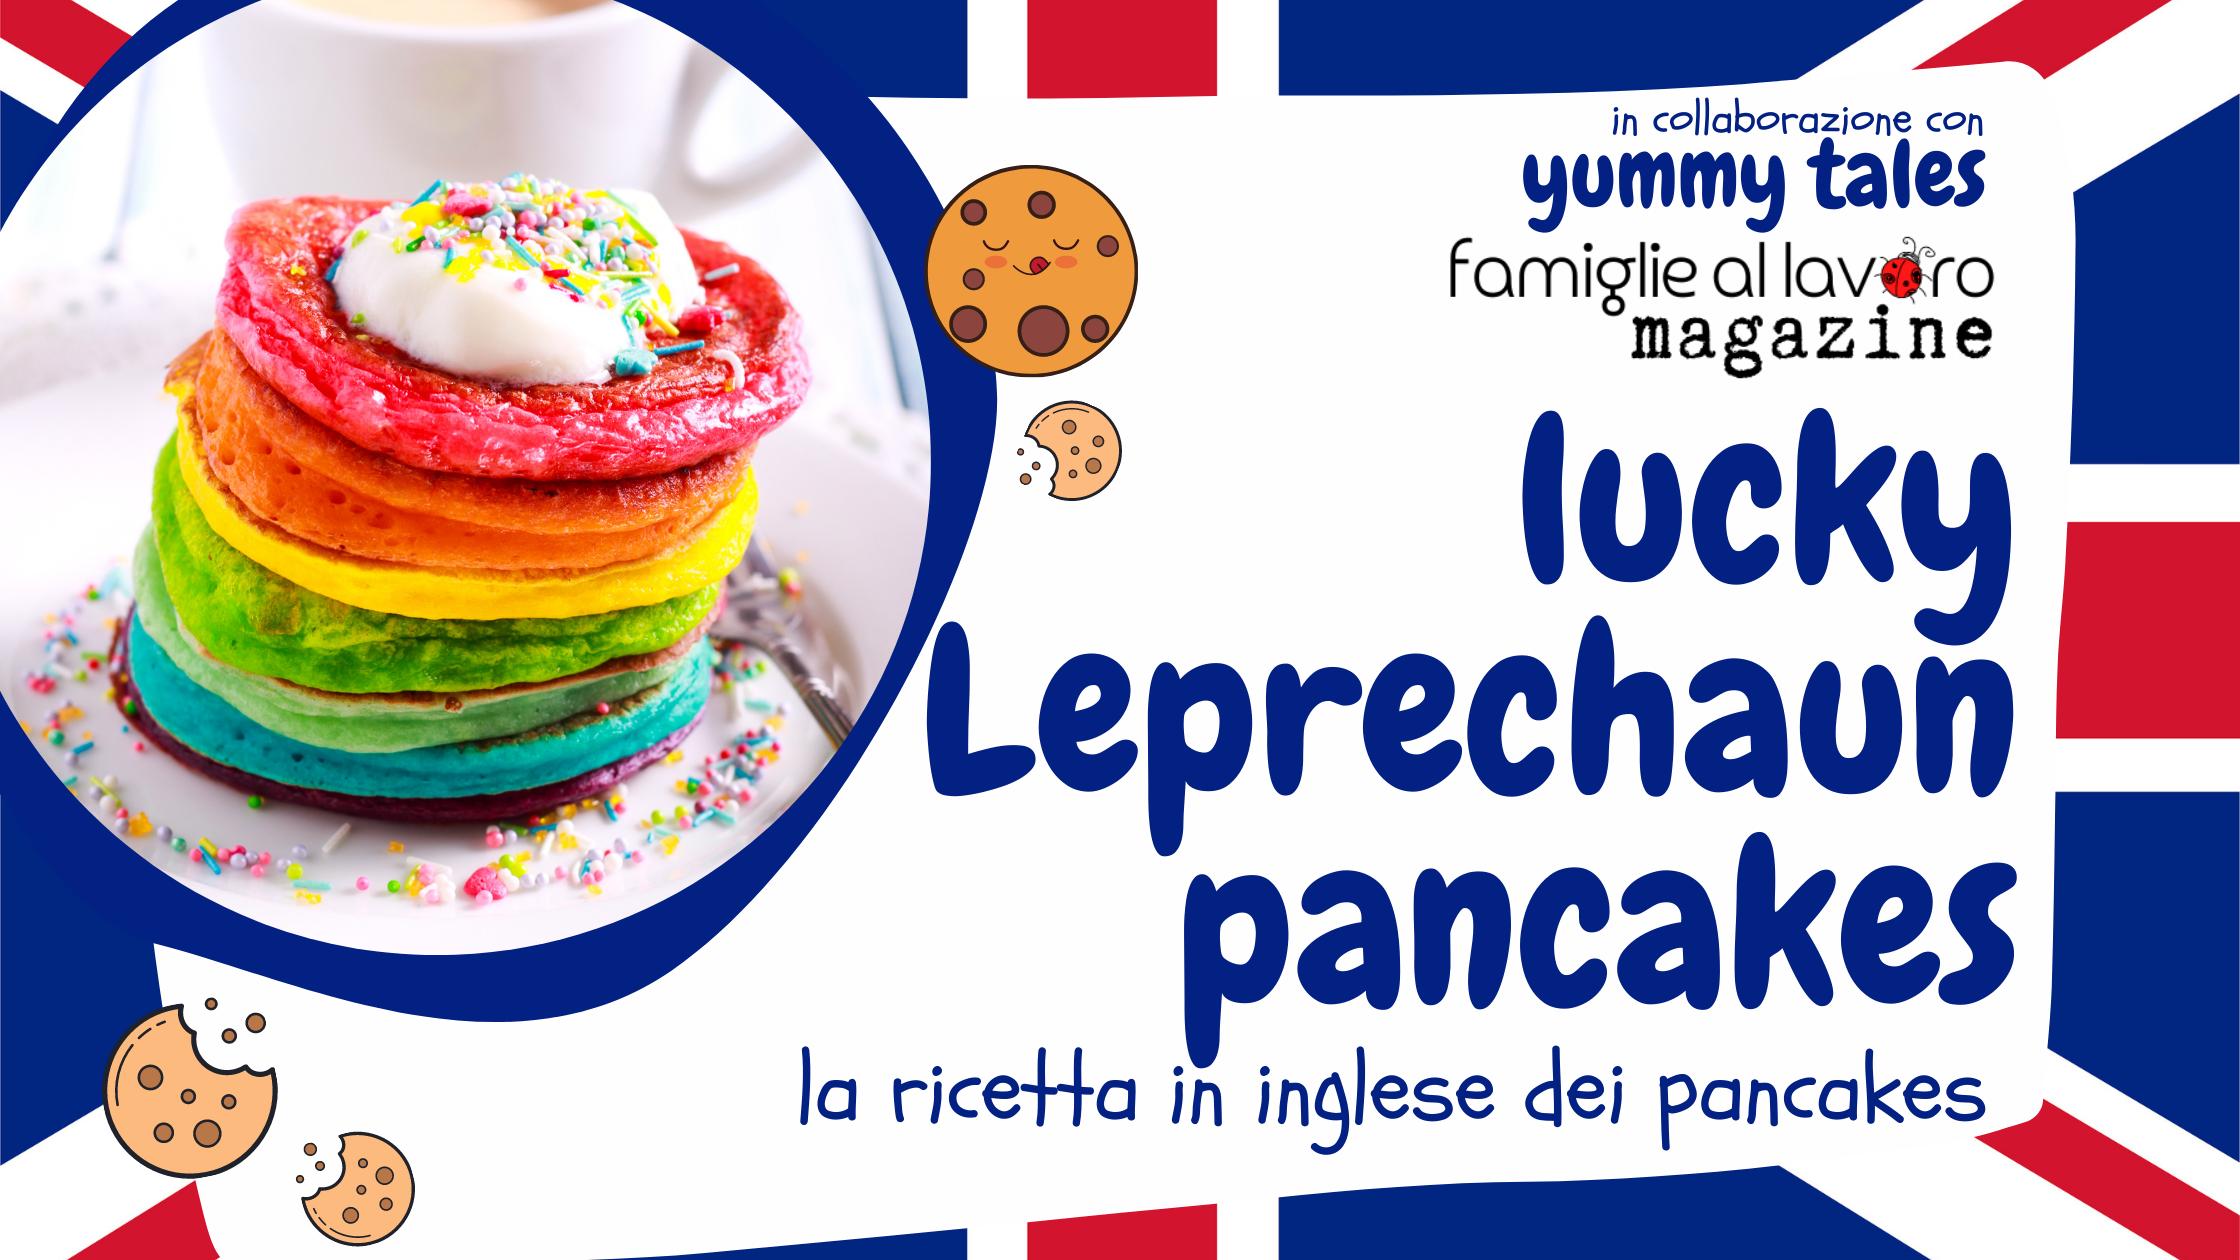 lucky leprechaun pancakes color arcobaleno